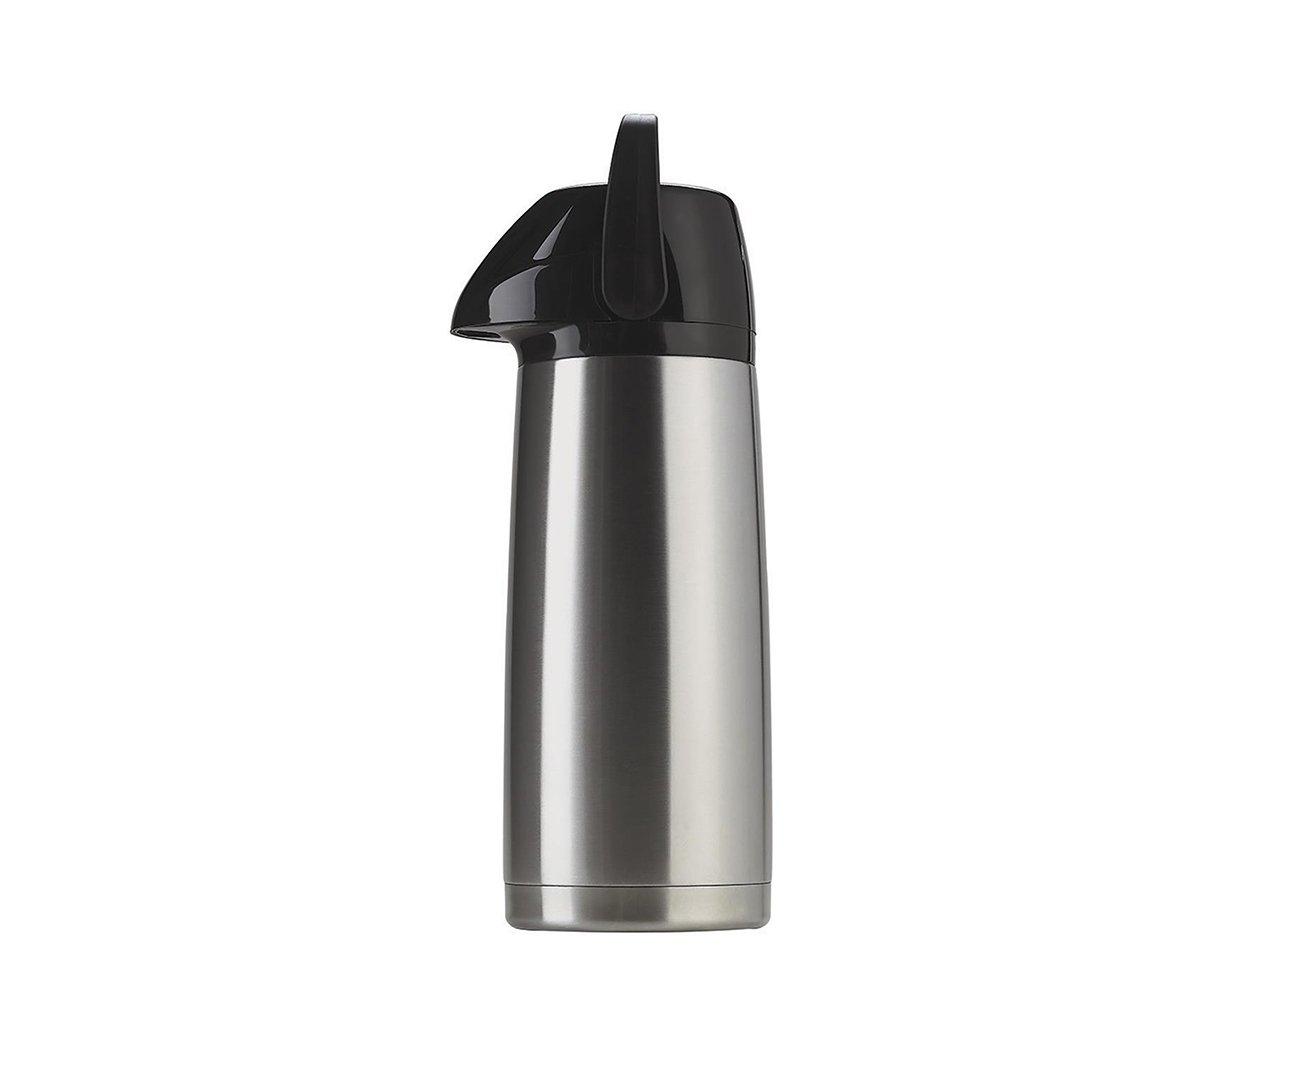 Garrafa Térmica Air Pot Inox Inquebrável 1,8 L - Invicta